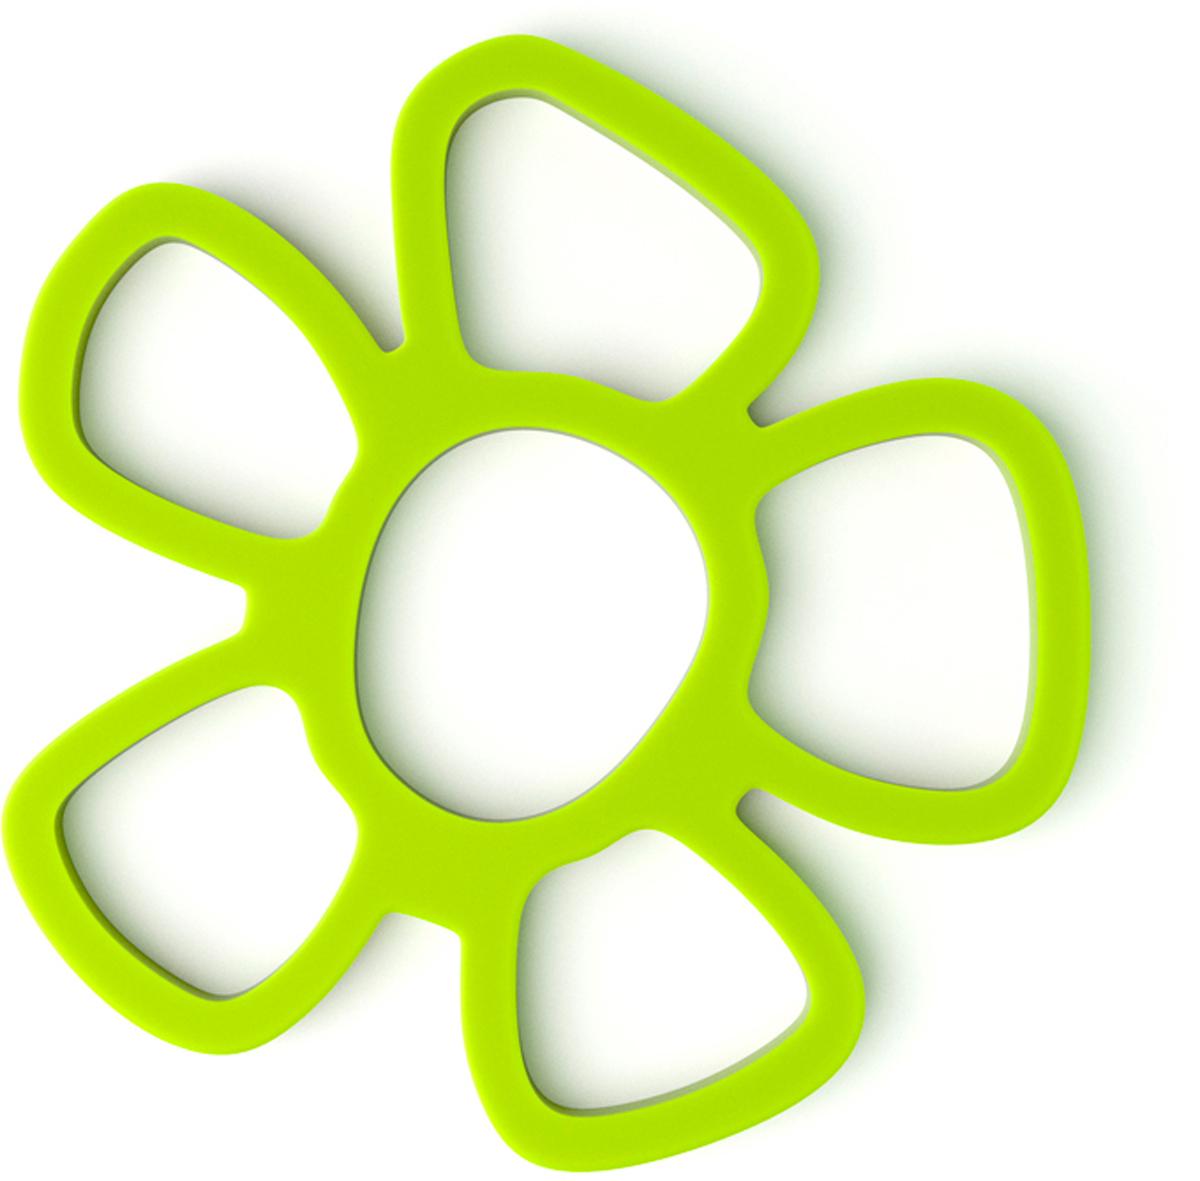 Подставка под горячее Balvi Daisy, магнитная, цвет: зеленый26178Многофункциональная магнитная подставка Daisy пригодится на кухне любой хозяйке. Она выполнена из силикона. Прикрепив подставку к металлической поверхности, вы можете разместить на ней горячие кухонные предметы - чашки, кастрюли, сковородки. Благодаря магниту подставка отлично крепится к металлической поверхности и не скользит по ней. Плюс ко всему, подставка может послужить отличным украшением на кухне. Стильная зеленая подставка под горячее Daisy облегчит жизнь любой хозяйке, а заодно поднимет настроение своим ярким и позитивным дизайном в виде цветка.- Подставка крепится к металлической поверхности с помощью магнита.- Яркий и привлекательный дизайн в виде цветка.- Можно использовать под горячие кастрюли, чайник, сковородки и т.п.